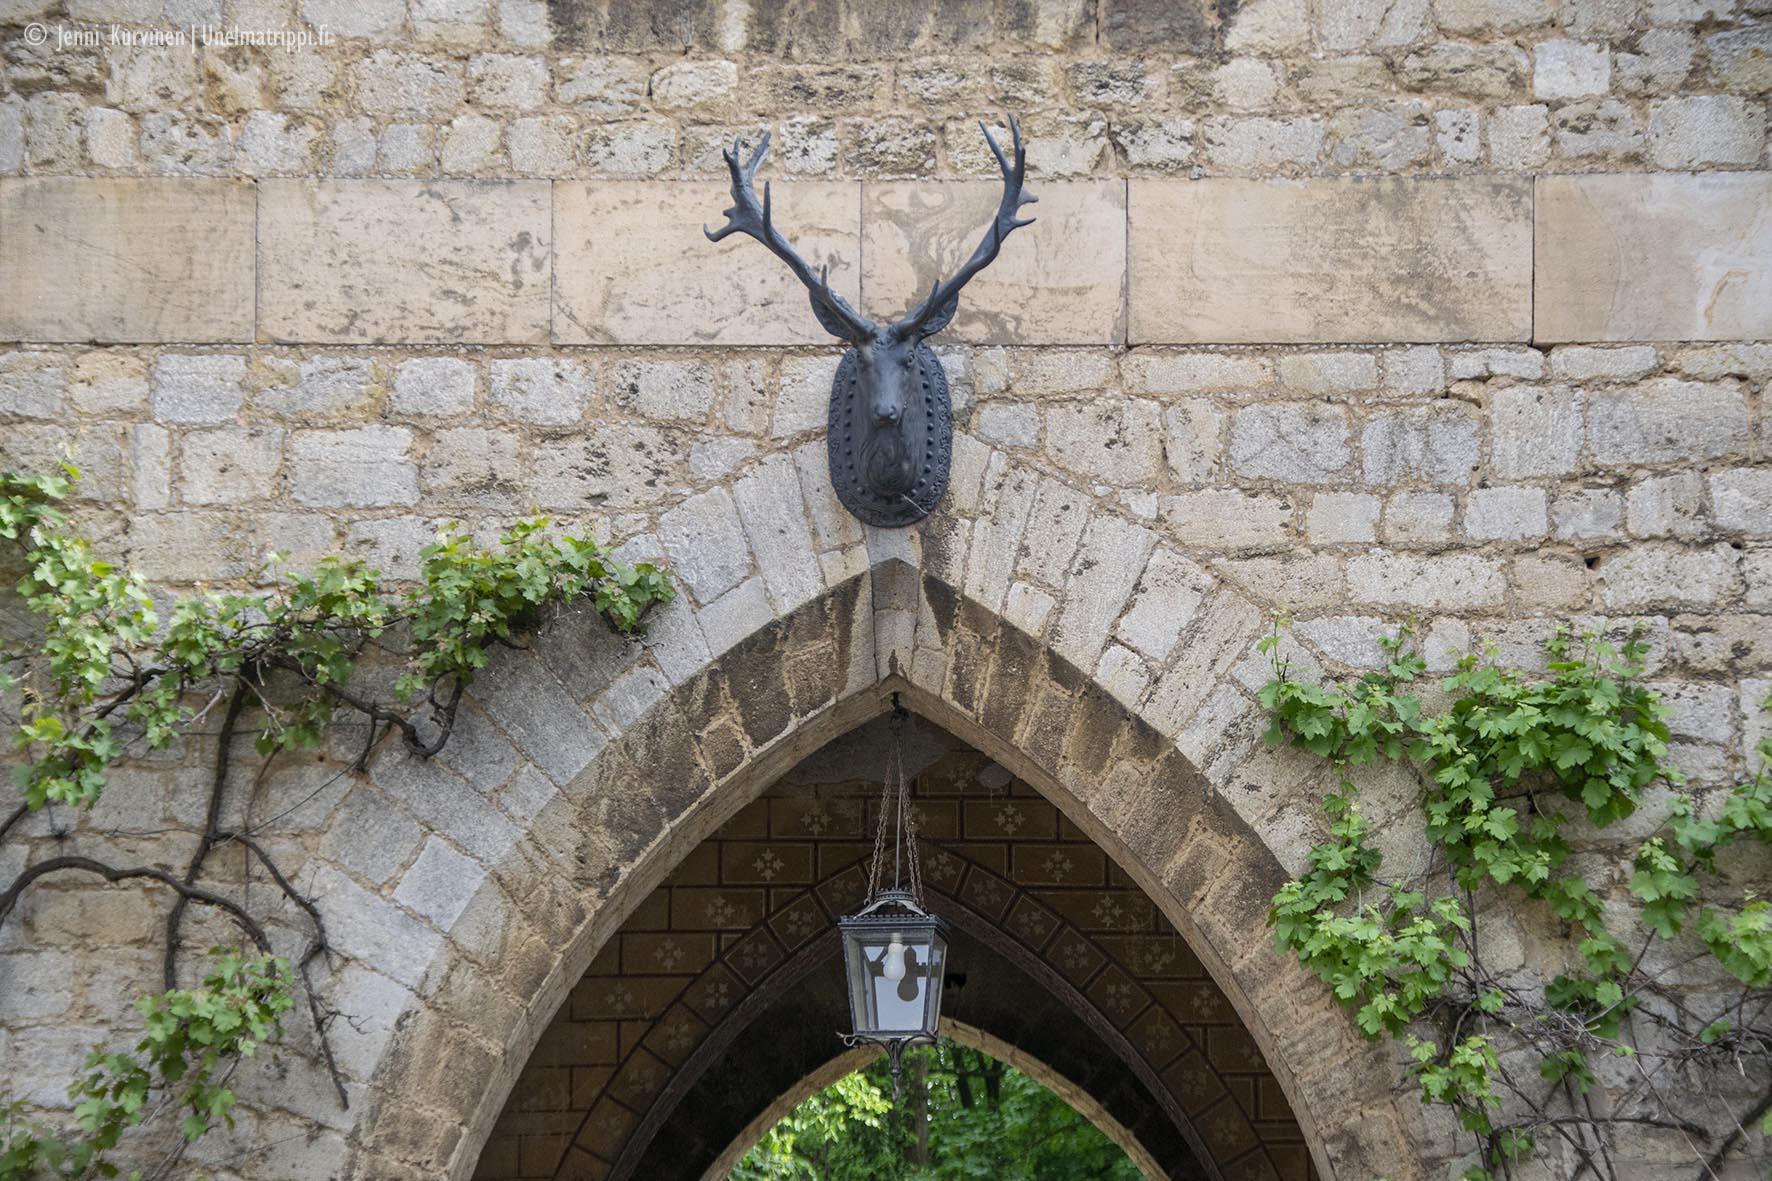 20180805-Unelmatrippi-Schloss-Marienburg-DSC0521